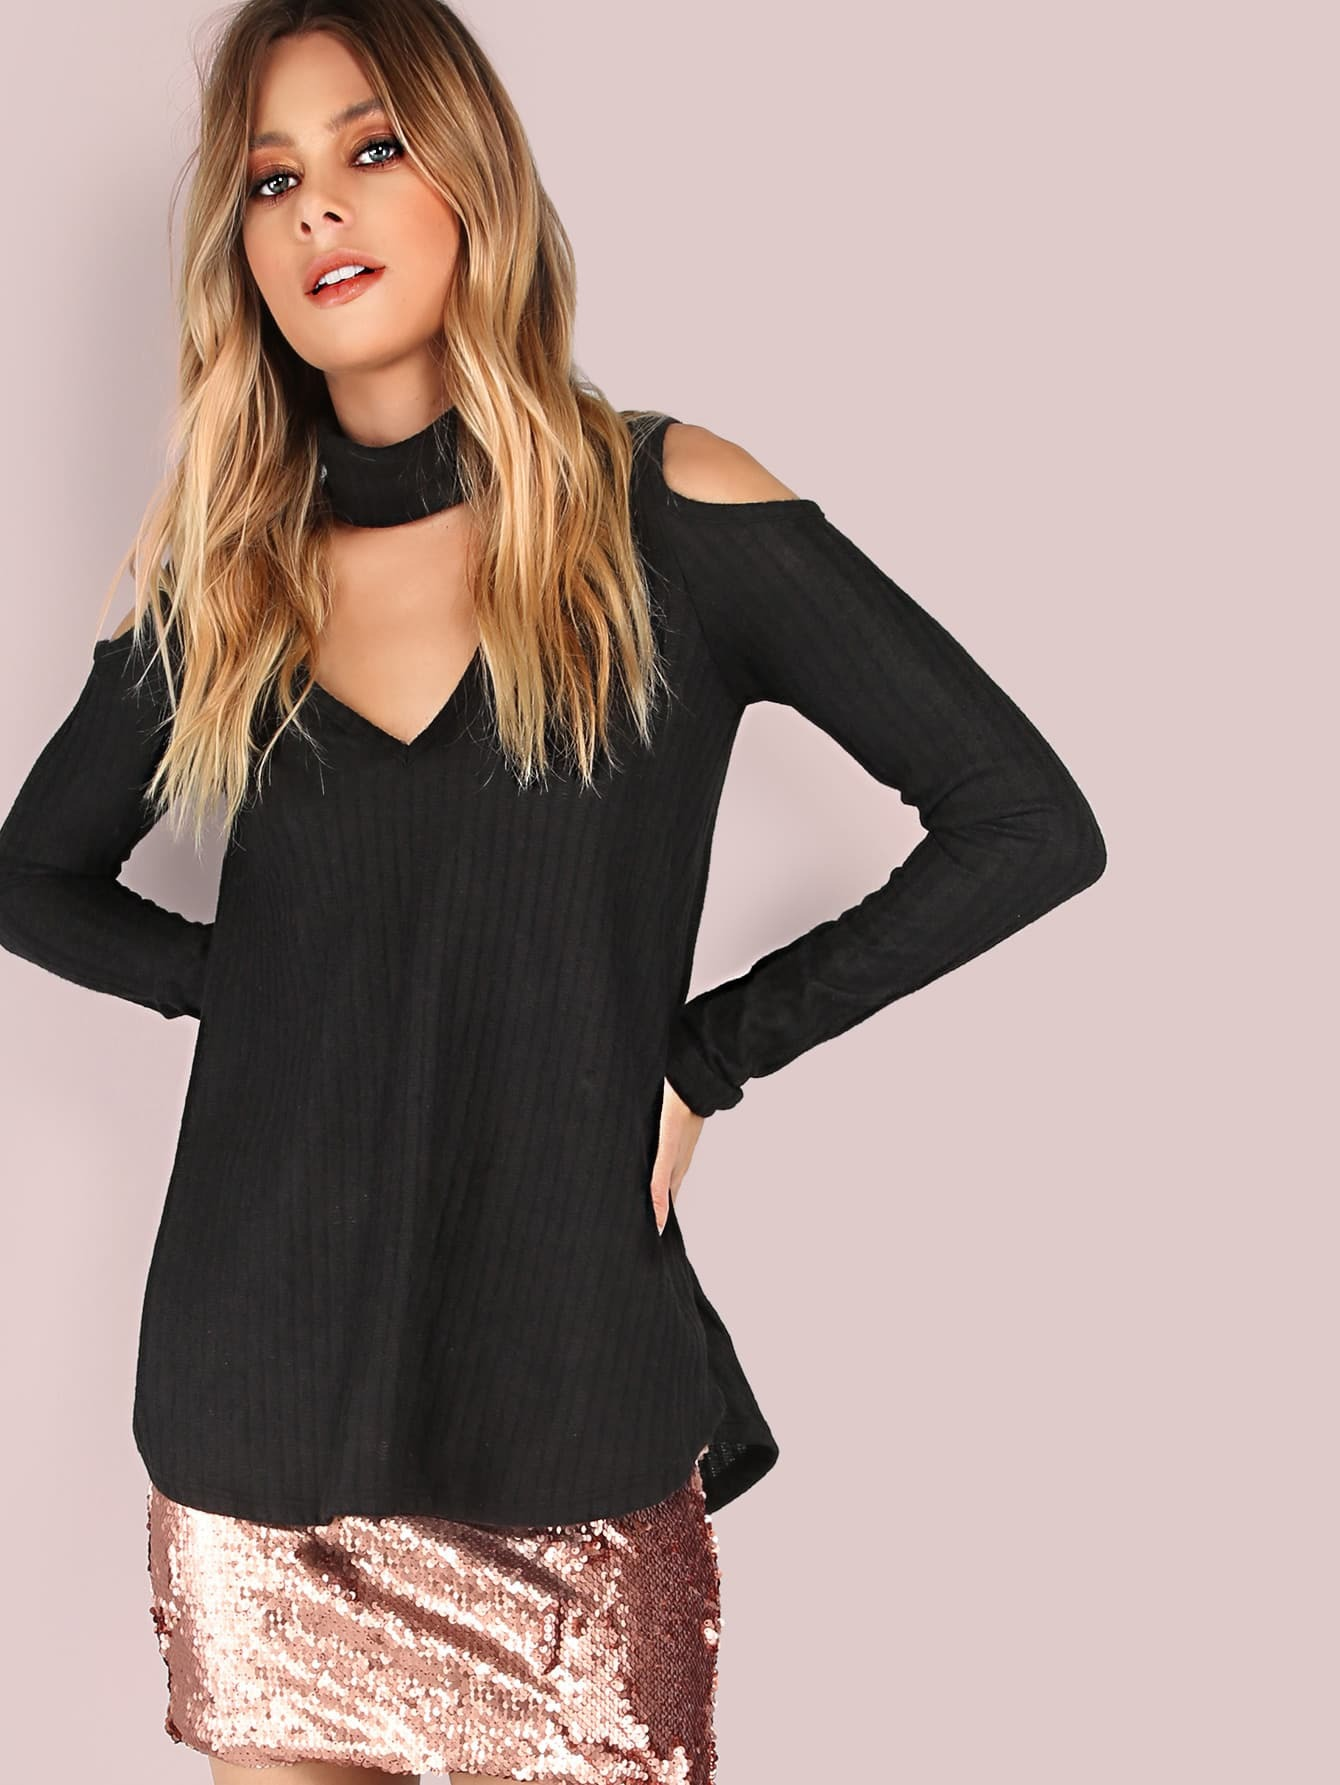 Thick Rib Knit Cold Shoulder Choker Fleece Top BLACK mmctop-lt606281b-black